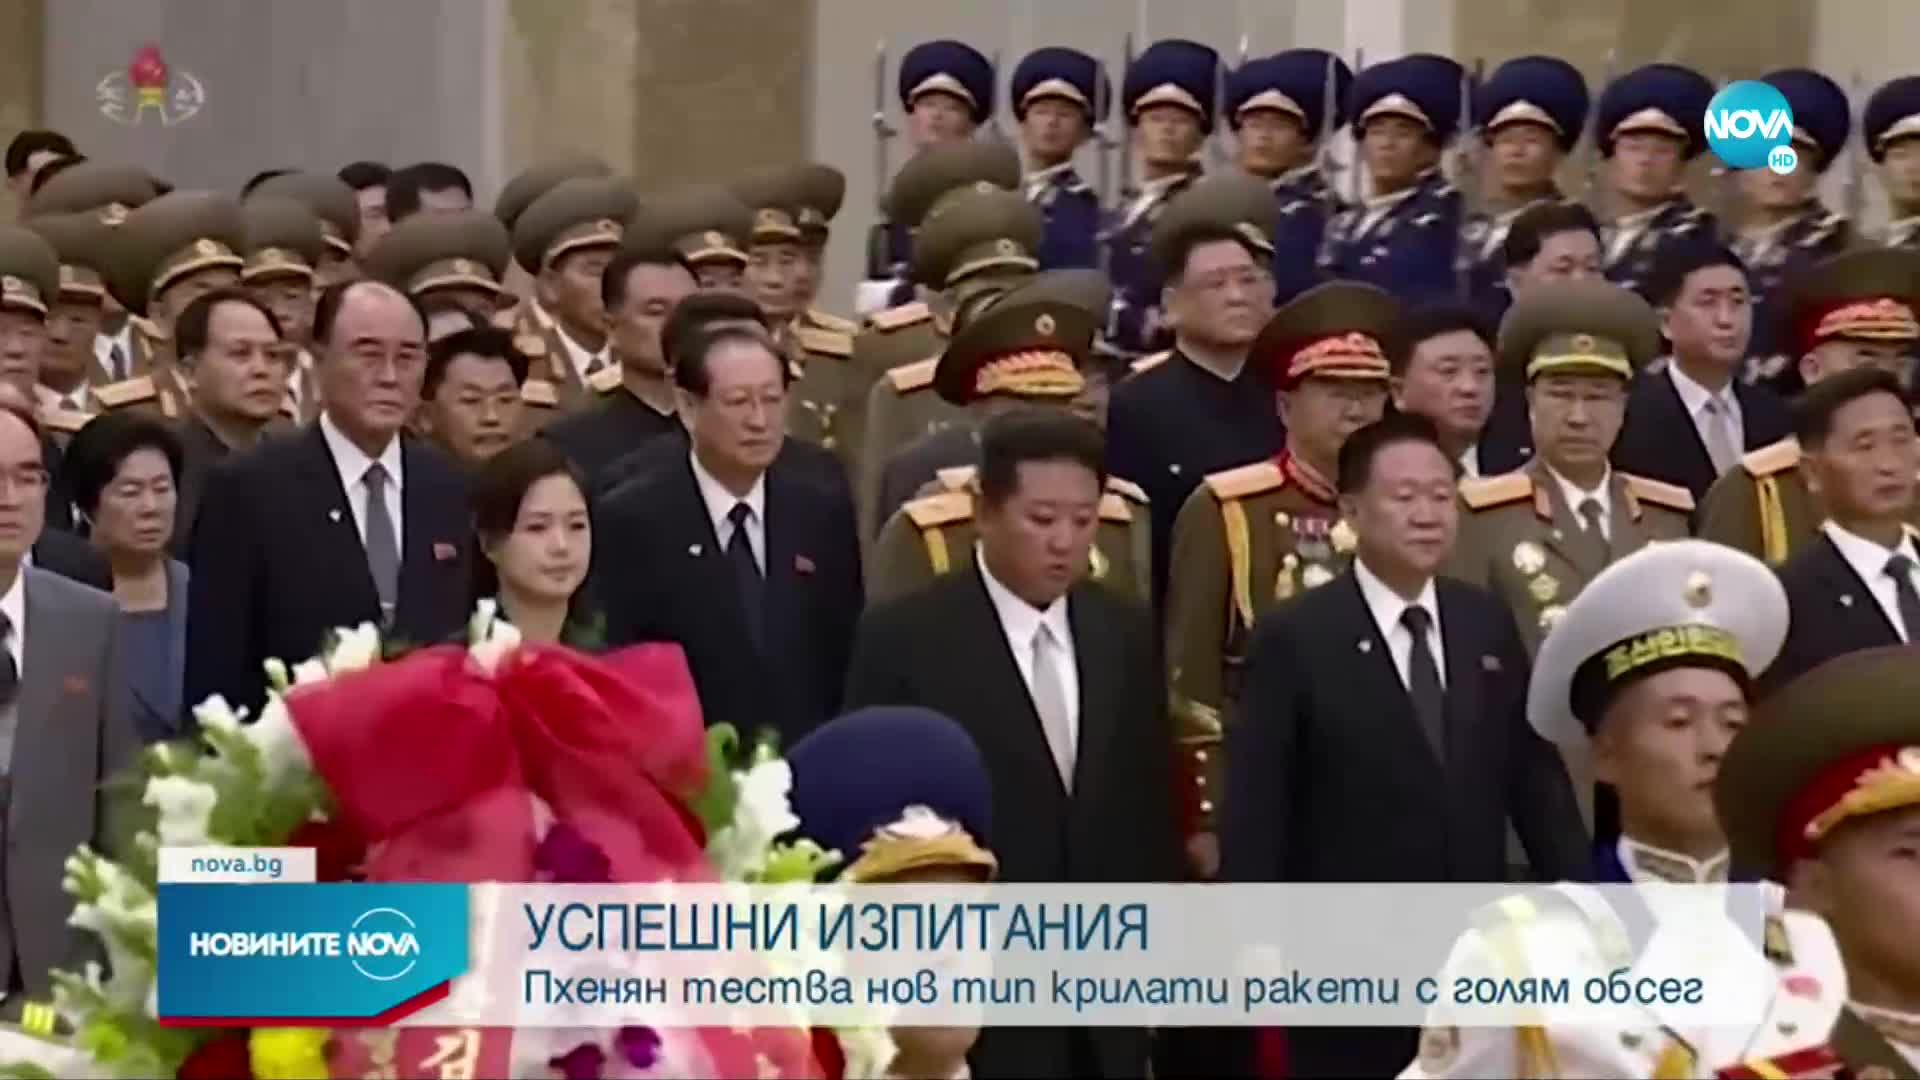 Пхенян тества нов тип крилати ракети с голям обсег